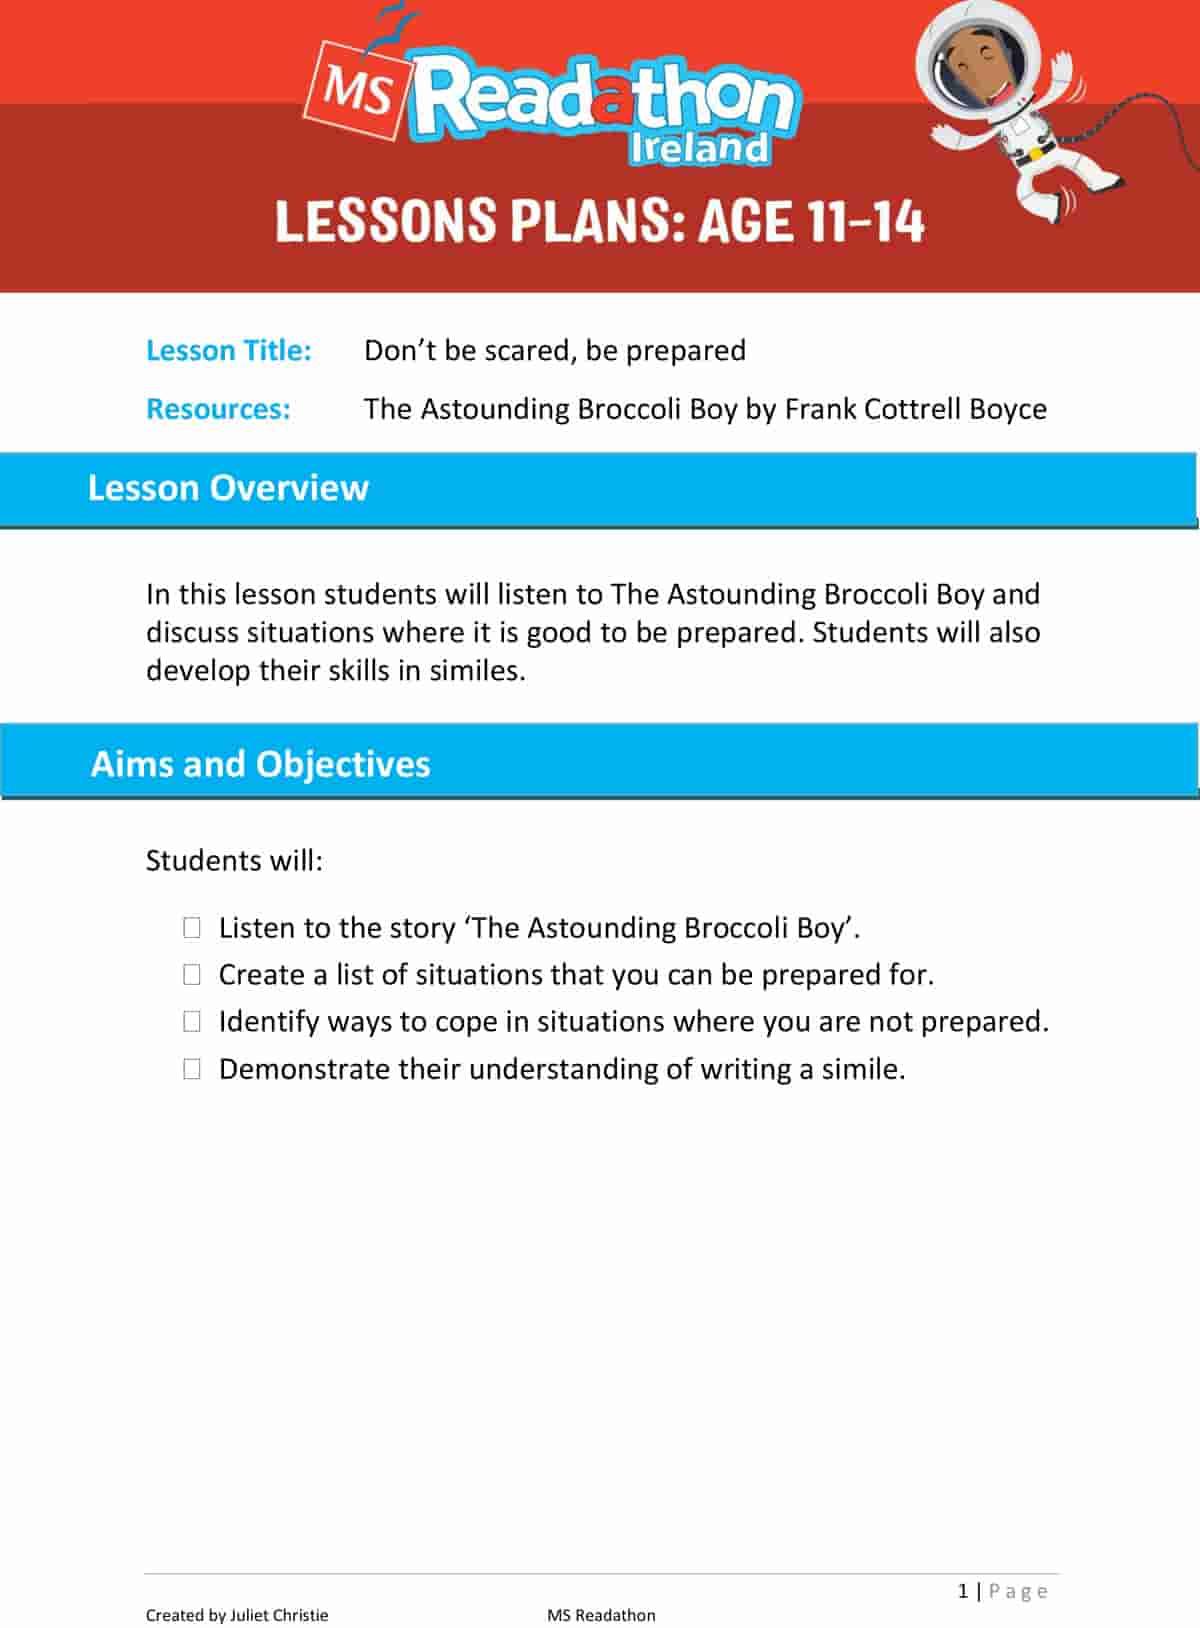 Lesson plans: Age 11-14